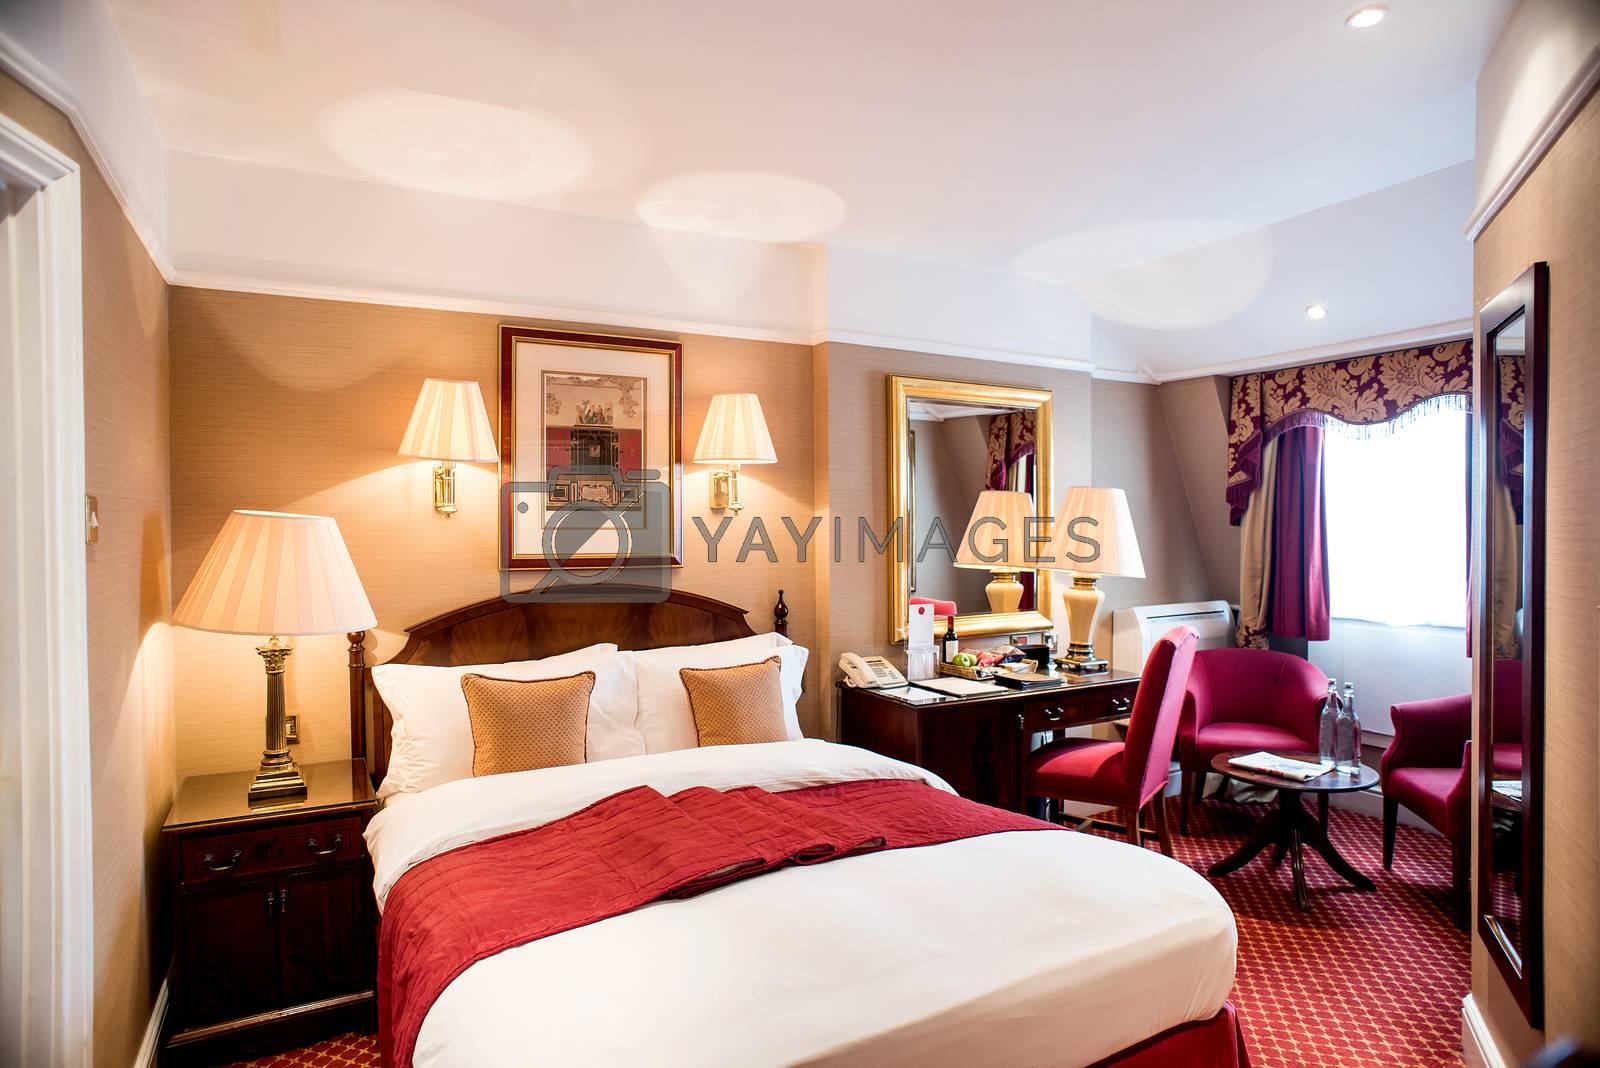 Beautiful bedroom interior in luxury home